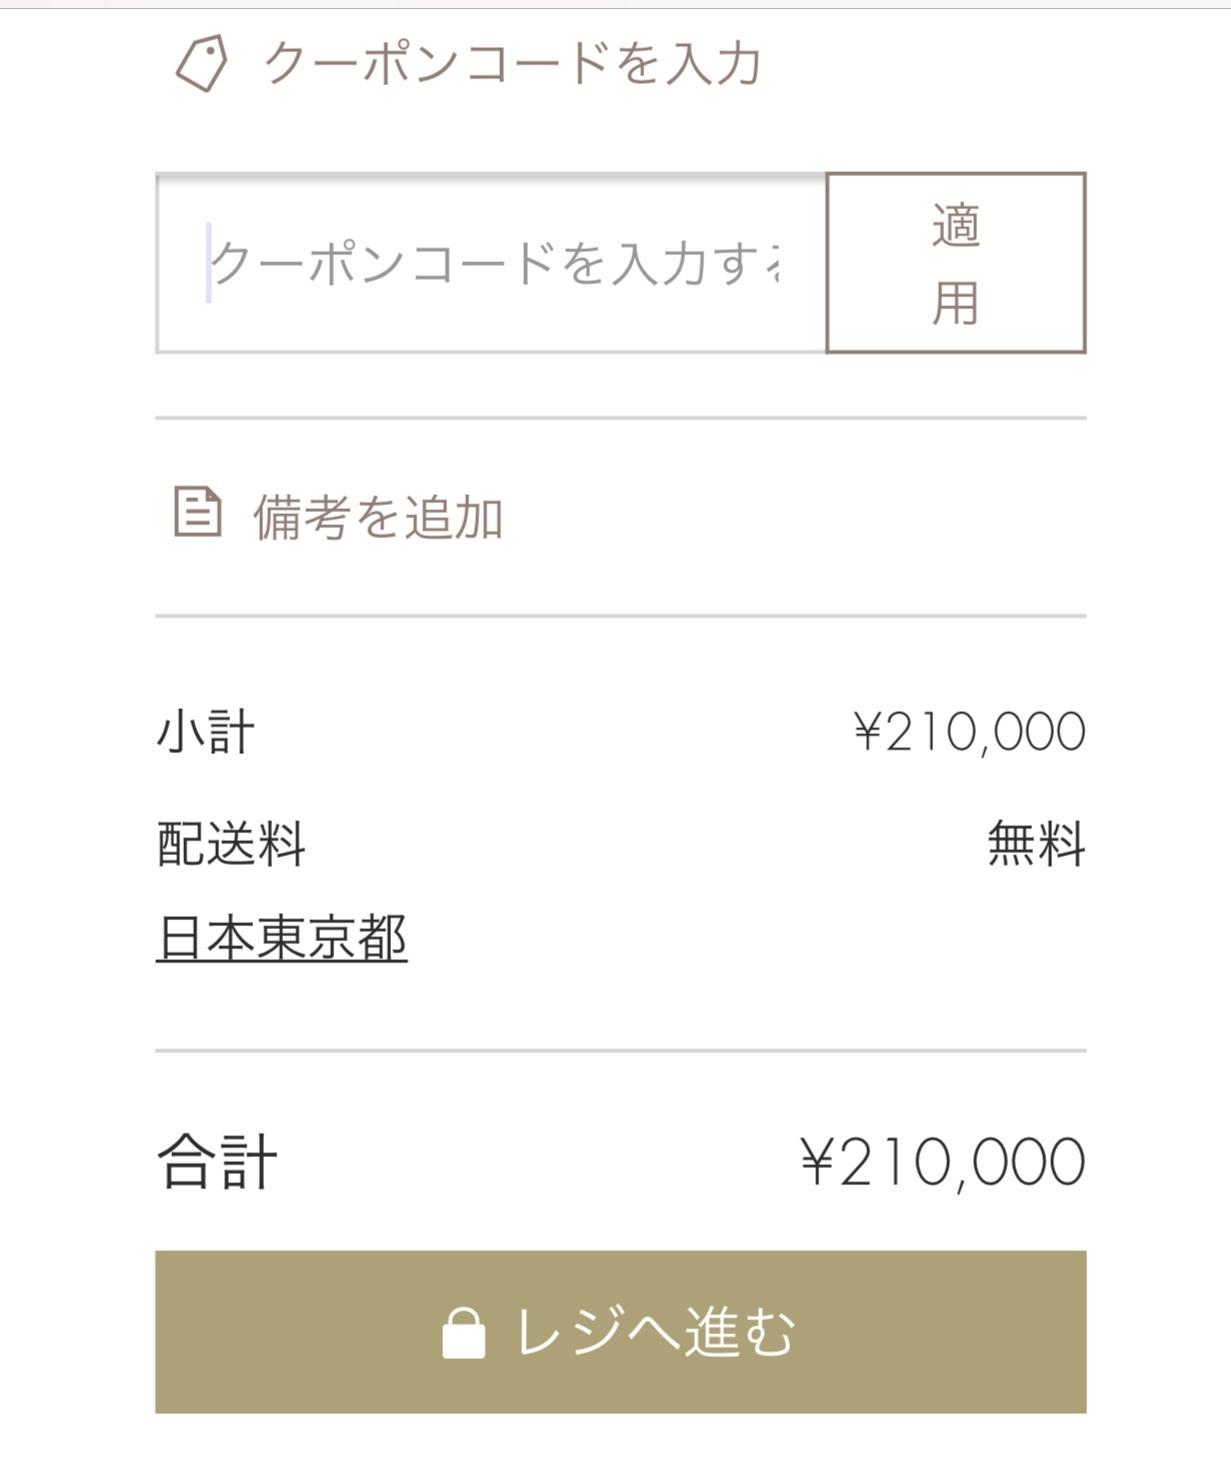 20190410_013719000_iOS.jpg